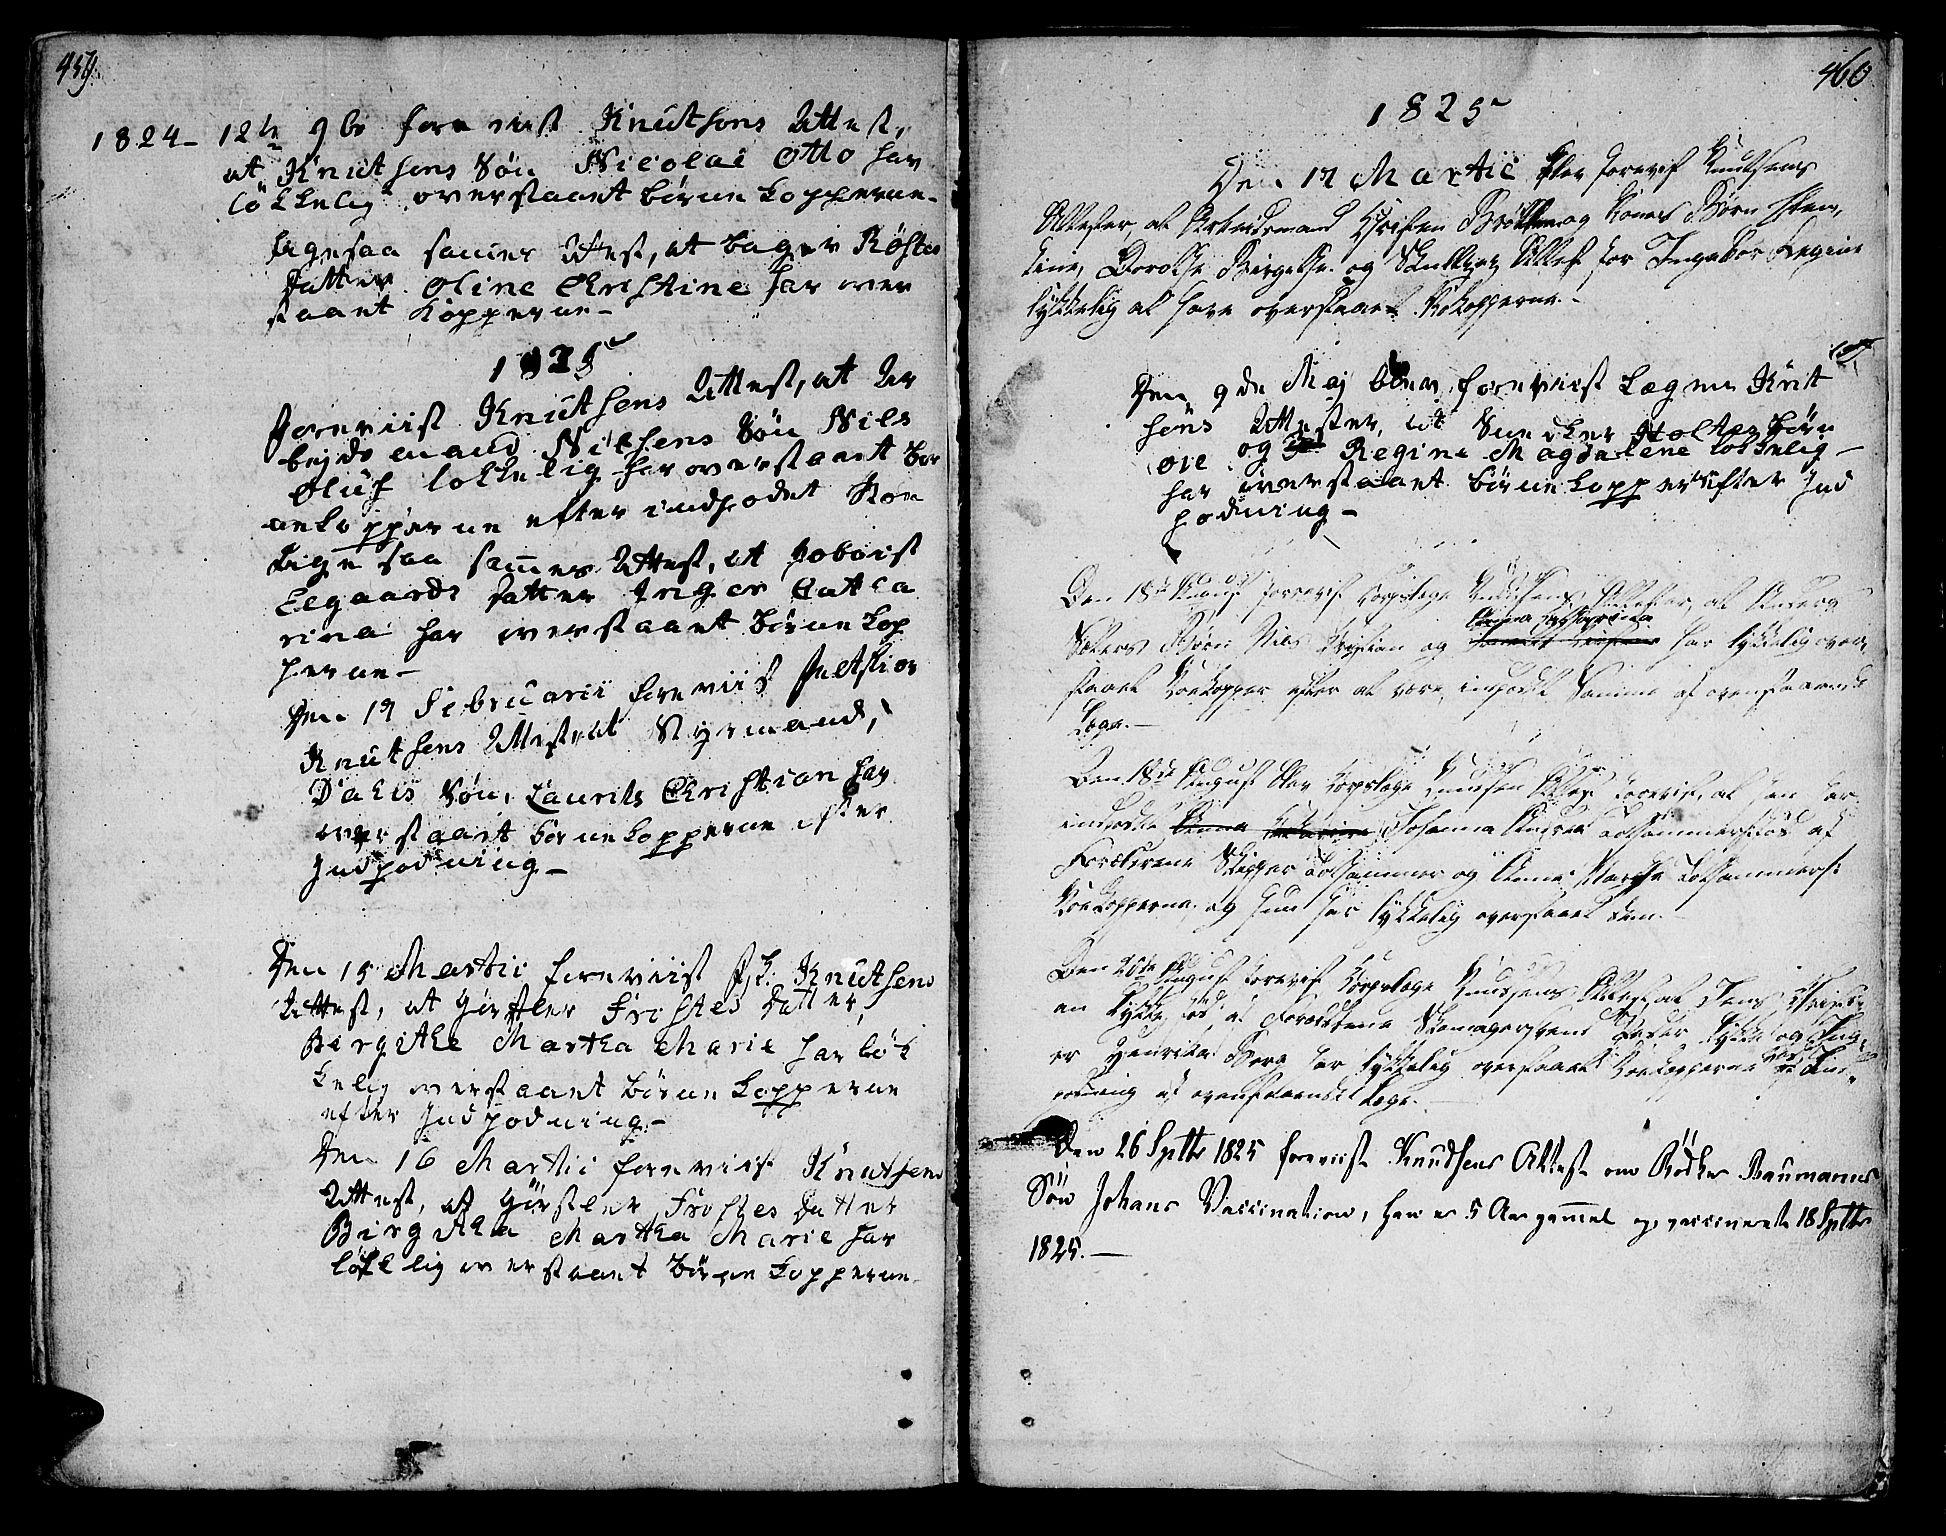 SAT, Ministerialprotokoller, klokkerbøker og fødselsregistre - Sør-Trøndelag, 601/L0042: Ministerialbok nr. 601A10, 1802-1830, s. 459-460